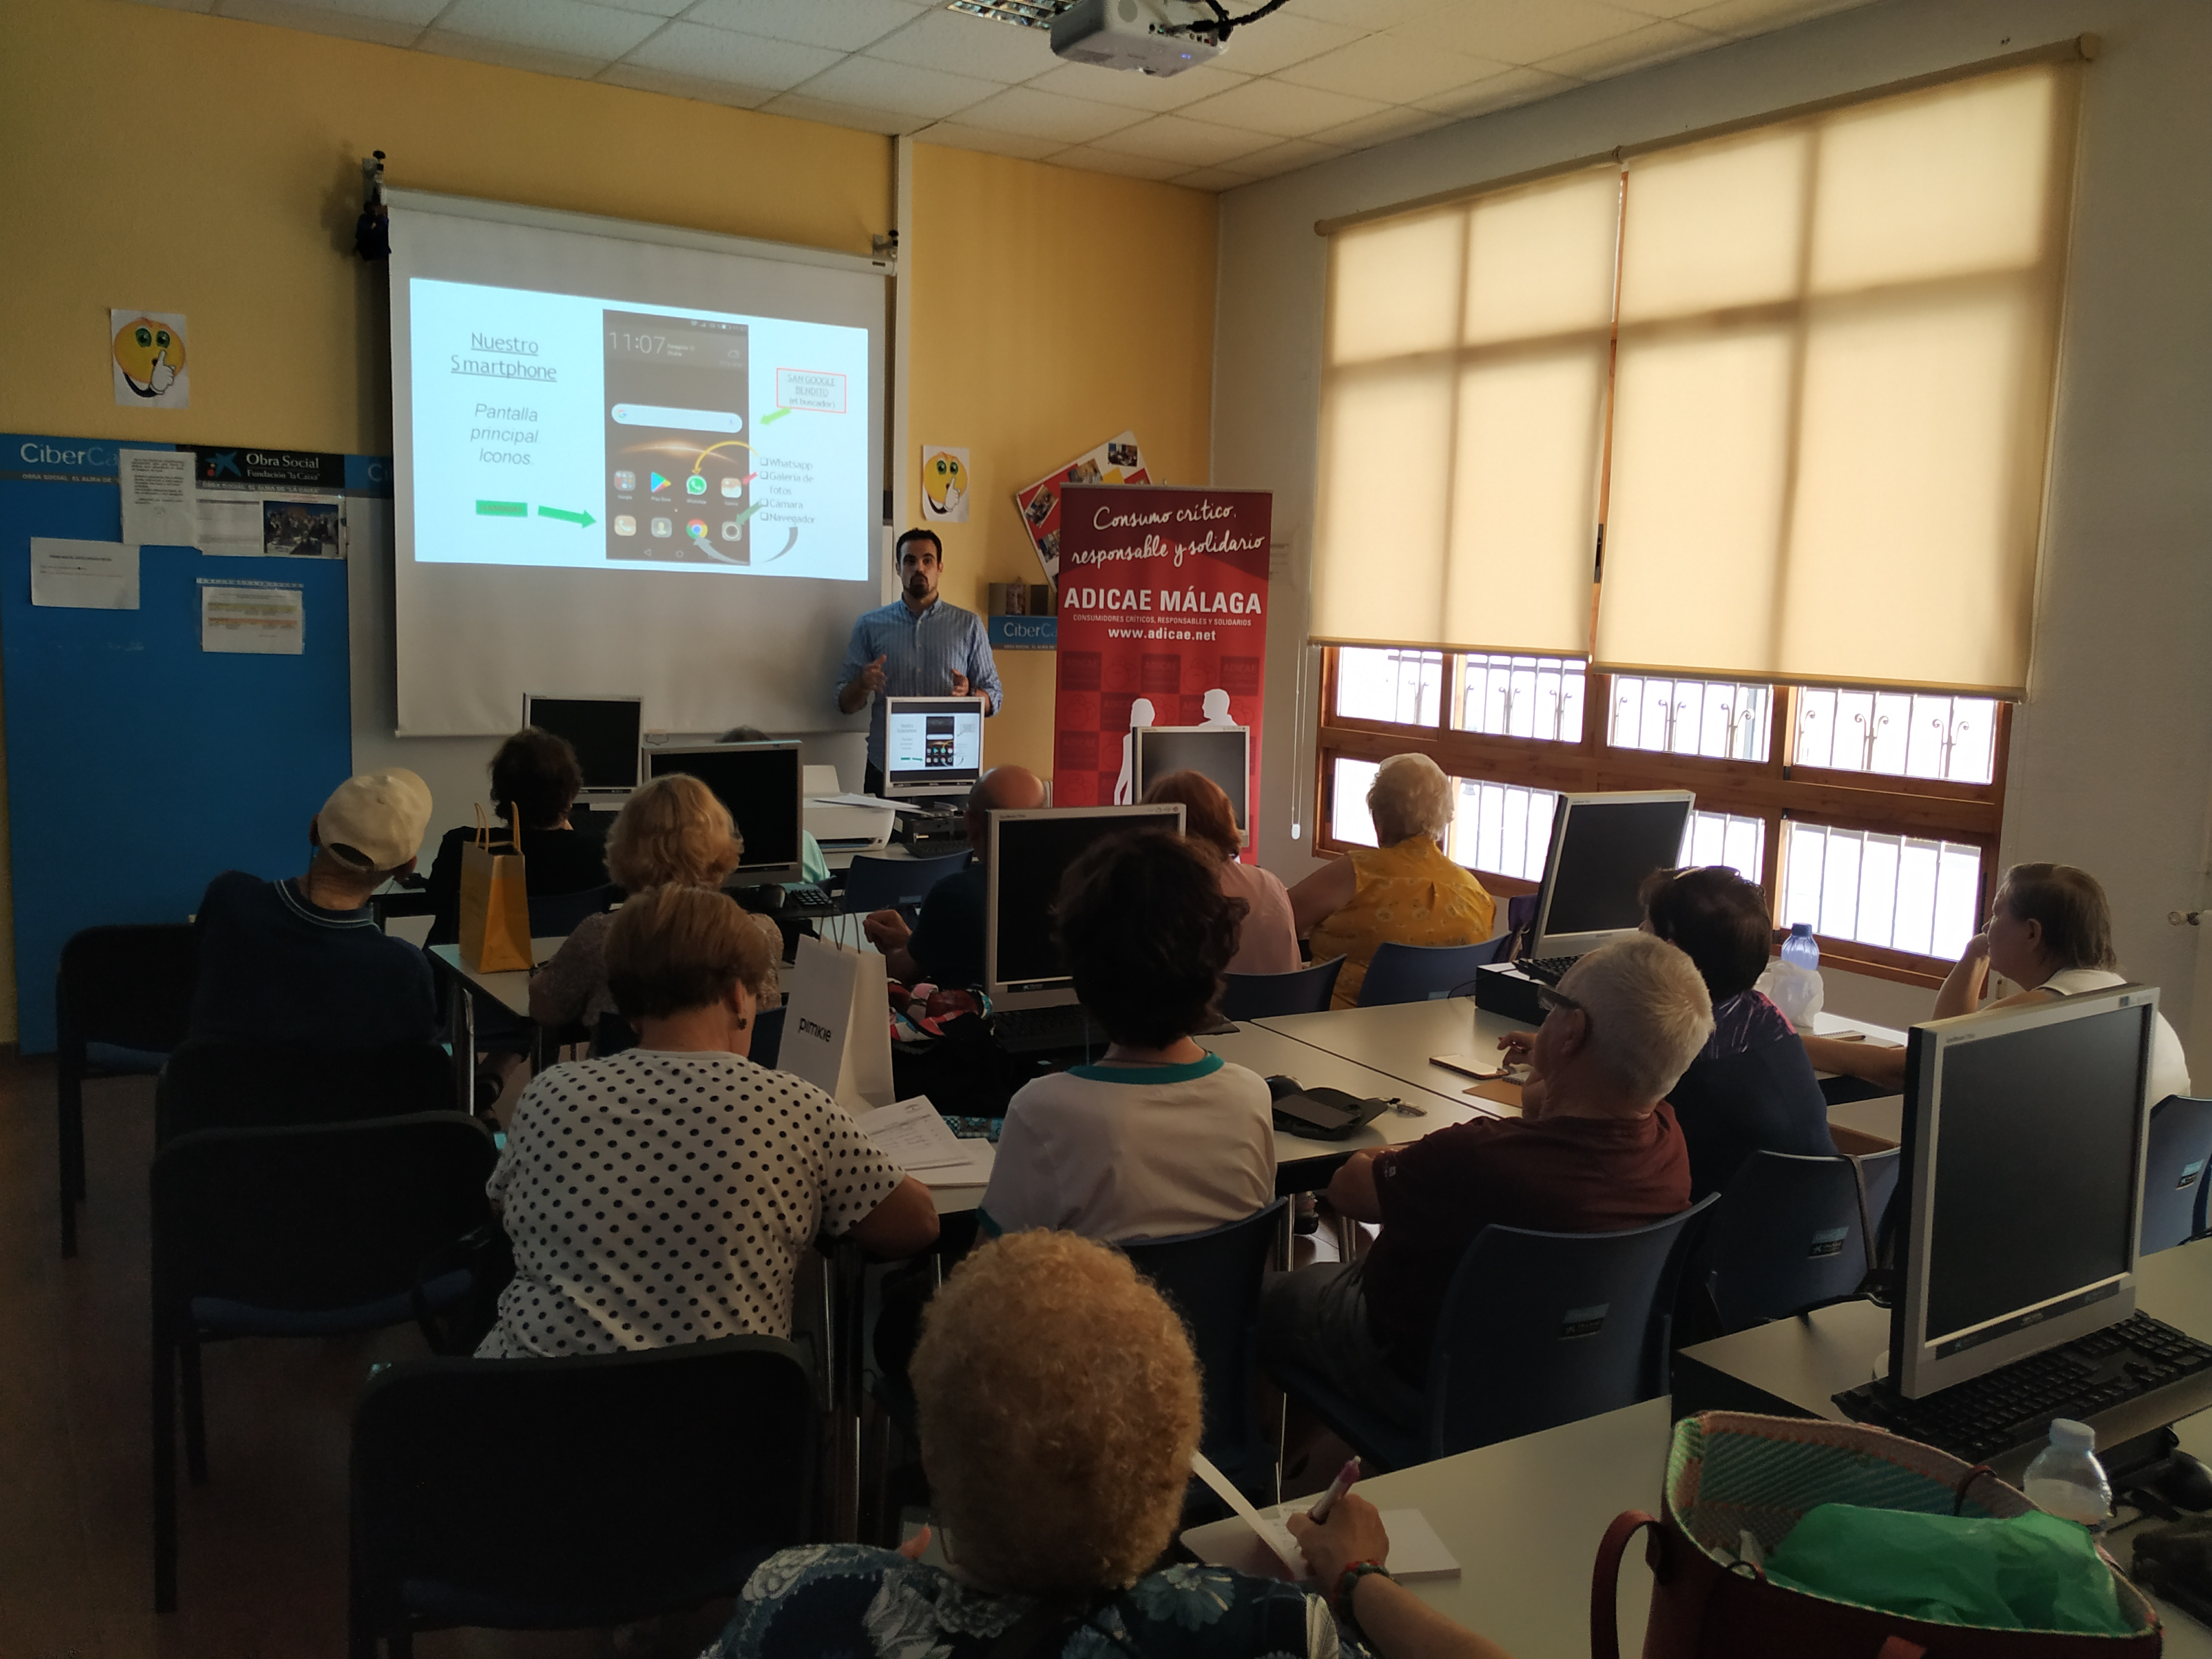 ADICAE Málaga forma a las personas consumidoras en el uso responsable de las nuevas tecnologías